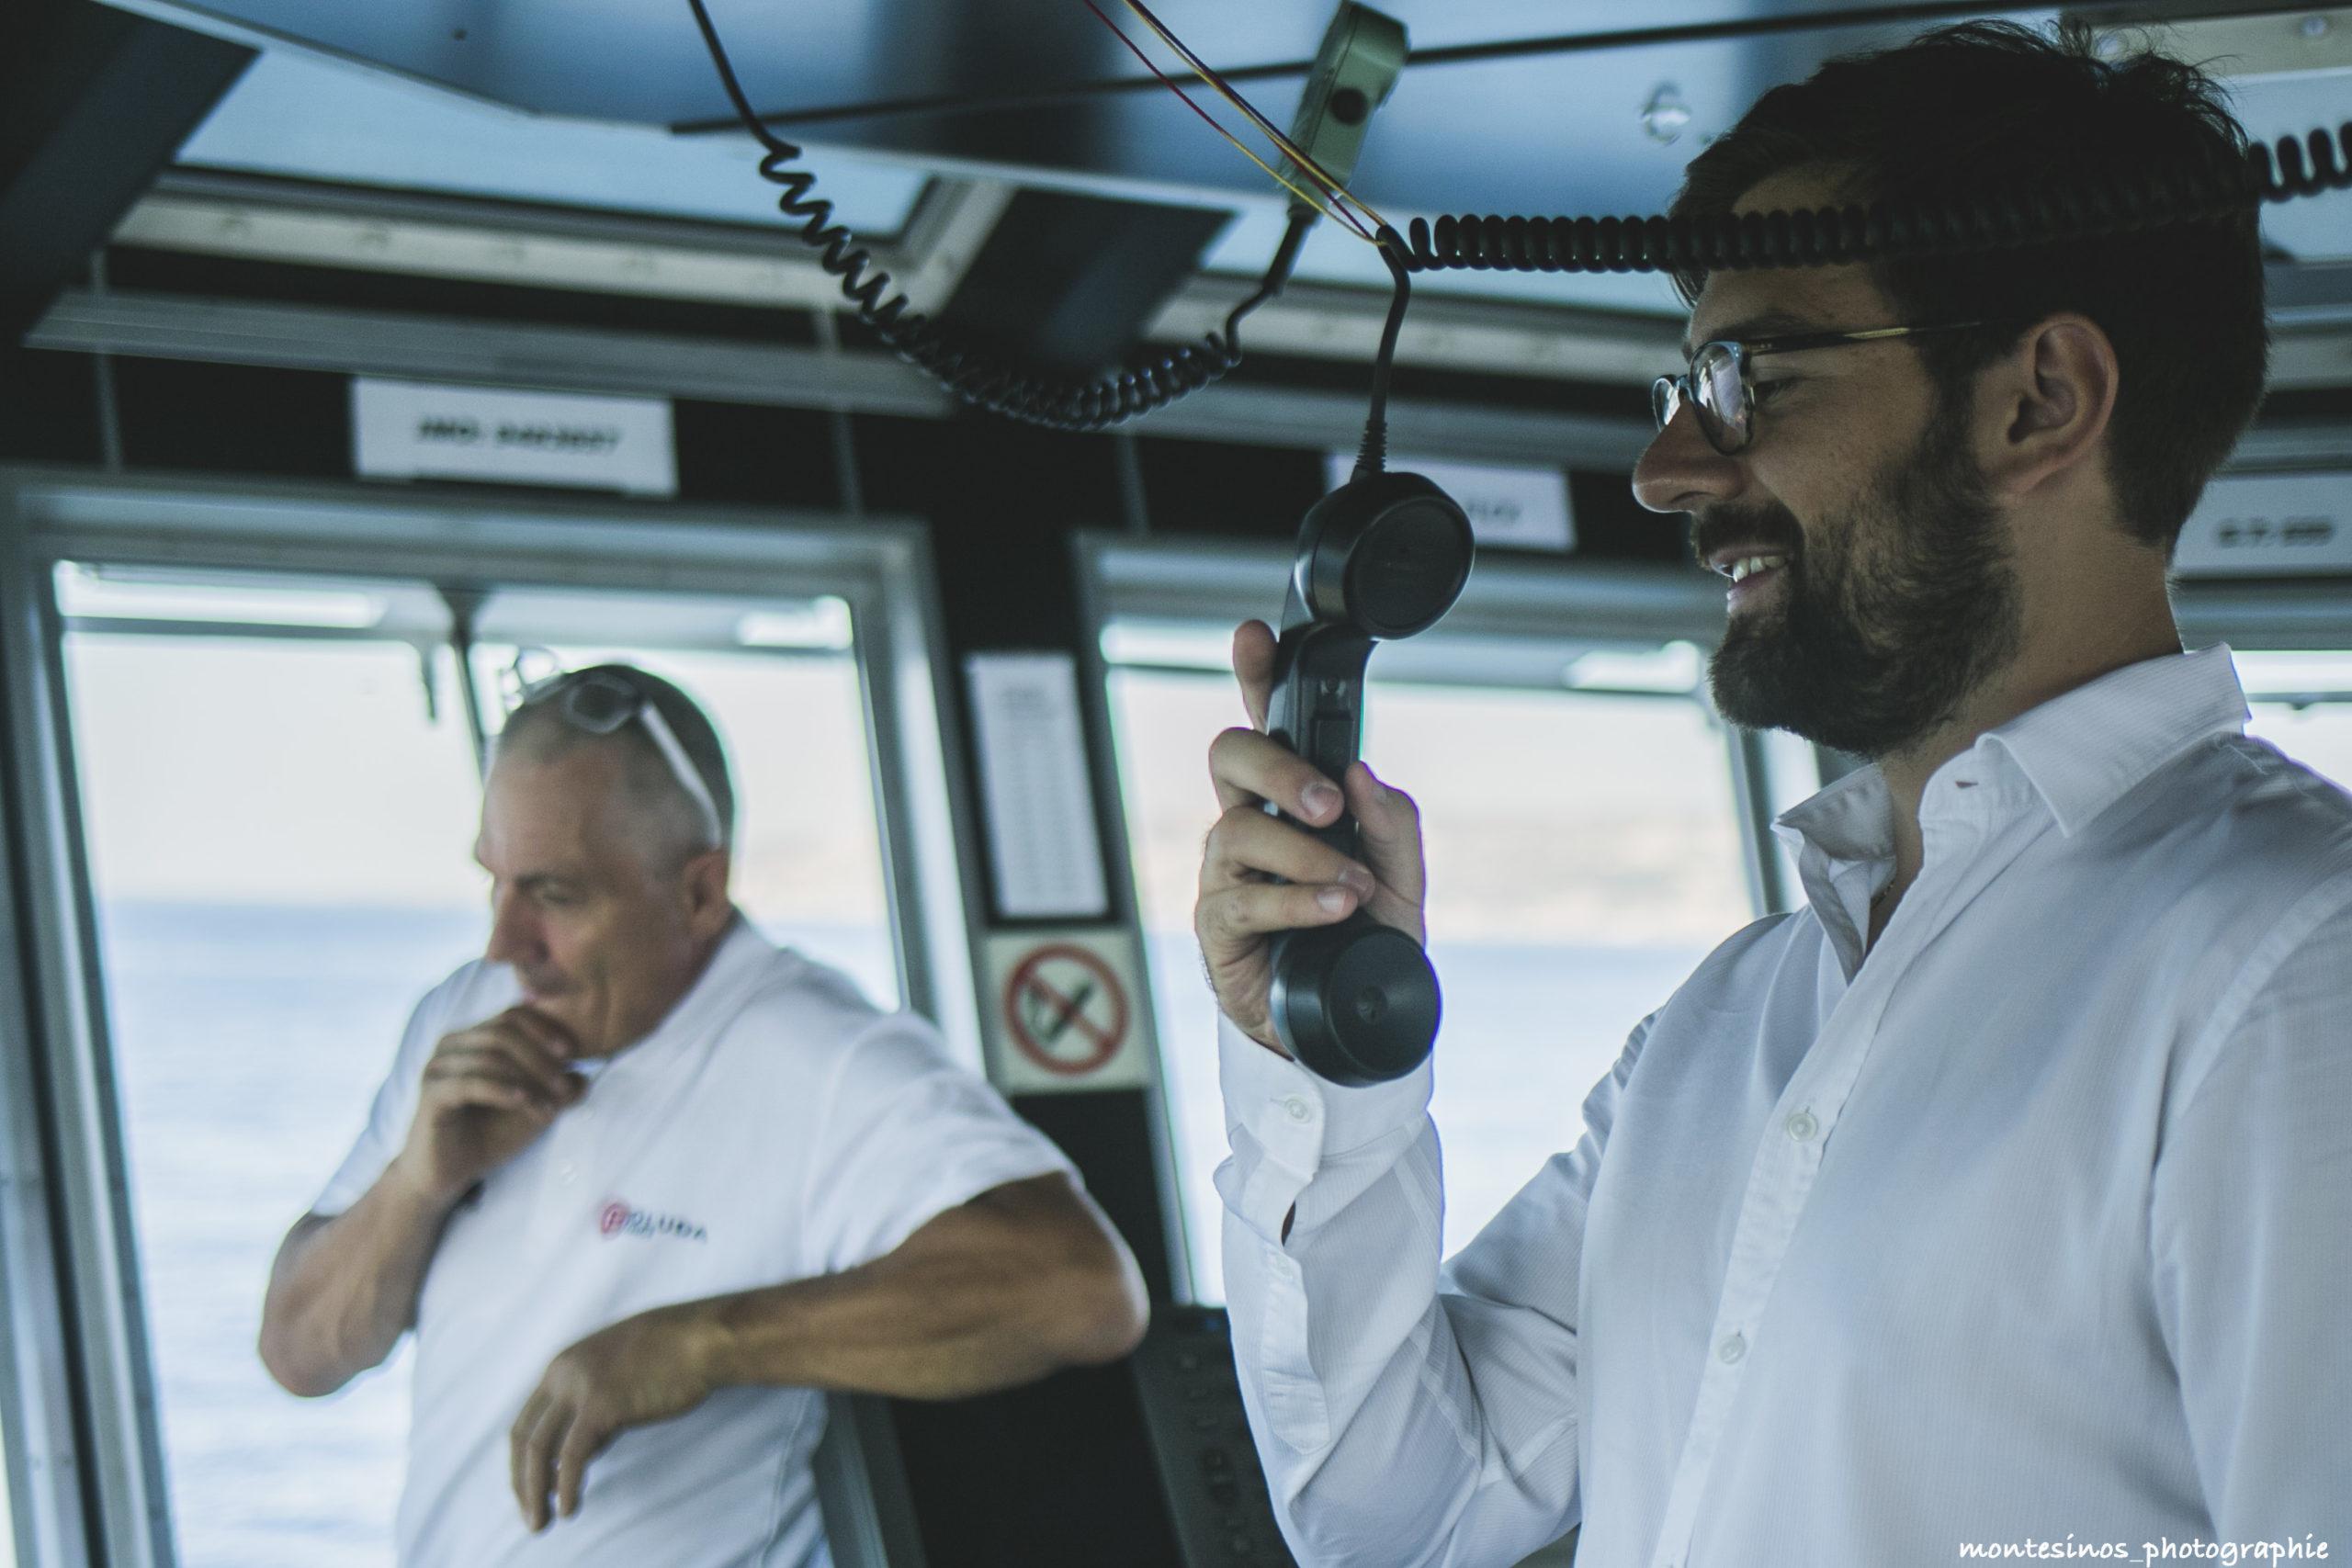 marin-bateau-blanc-boluda-photographe-professionnel